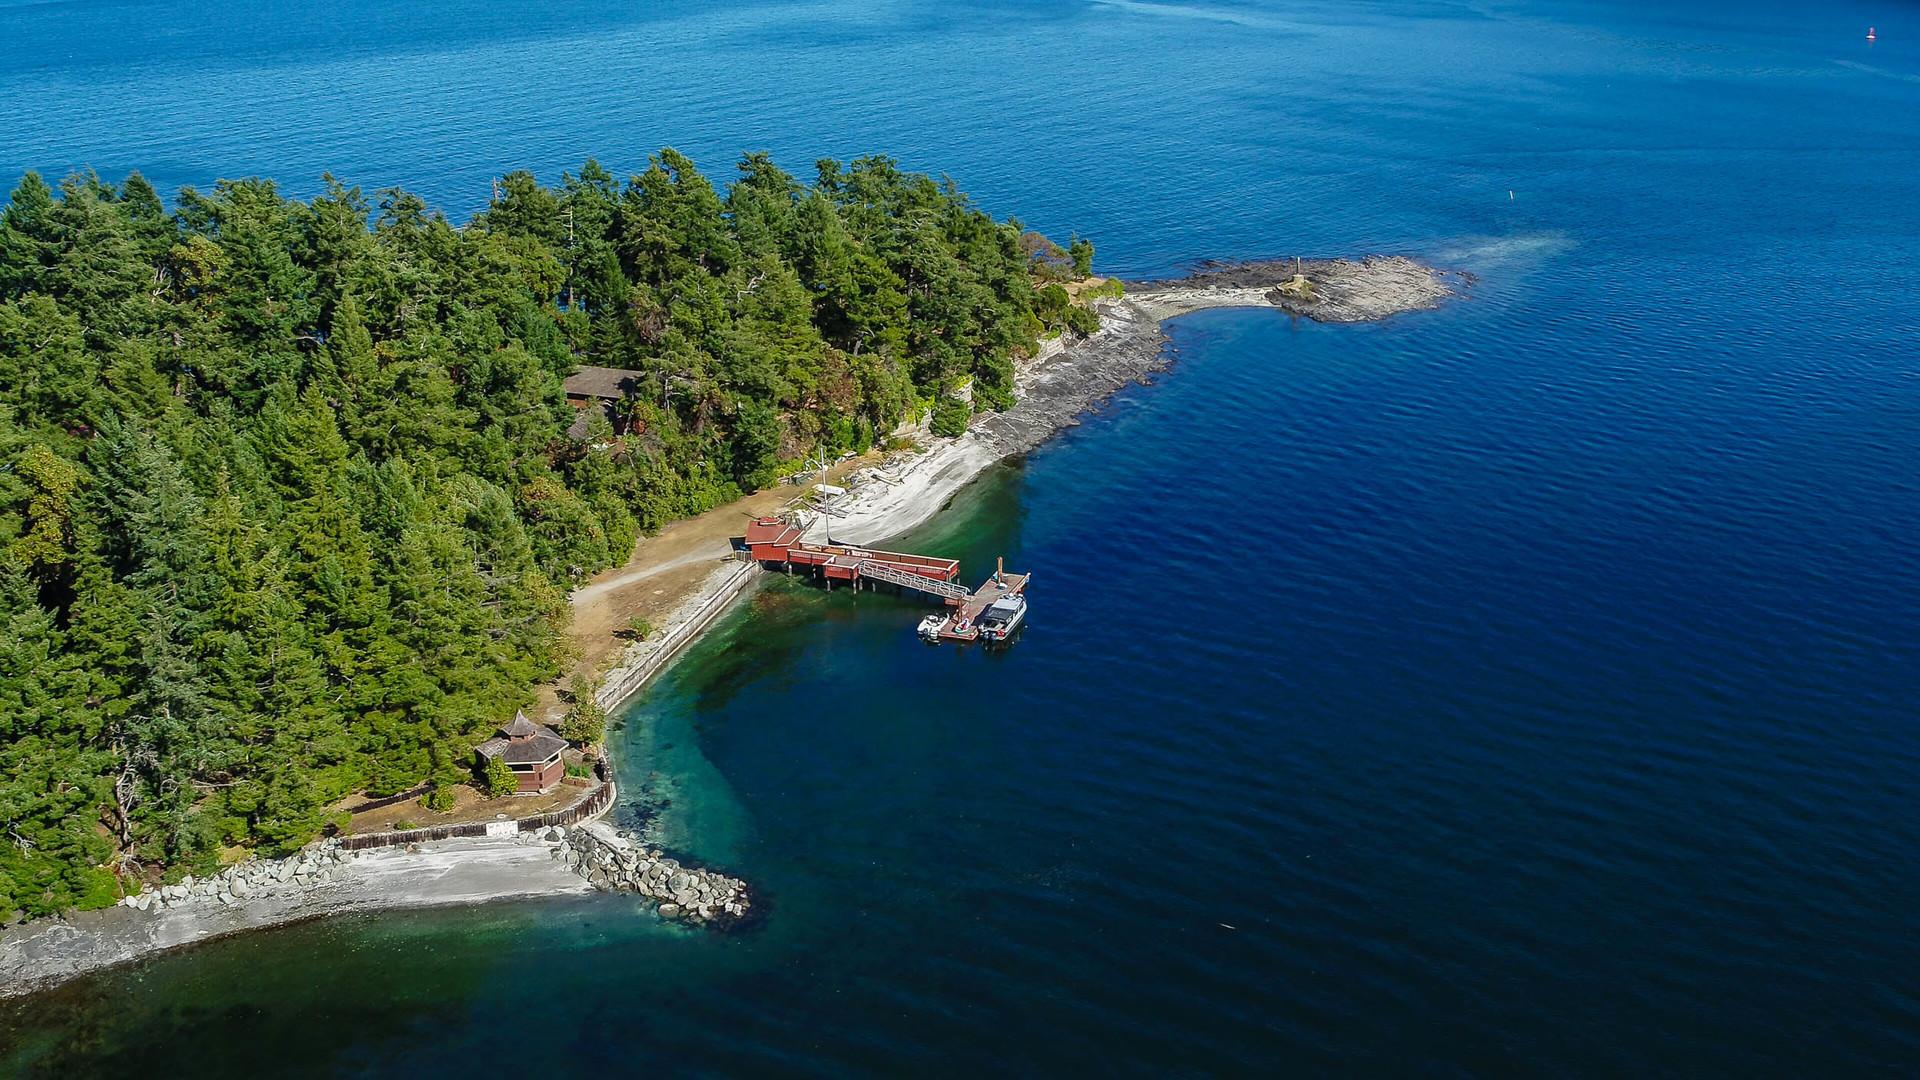 at  Pym Island, Gulf Isl Other, Gulf Islands